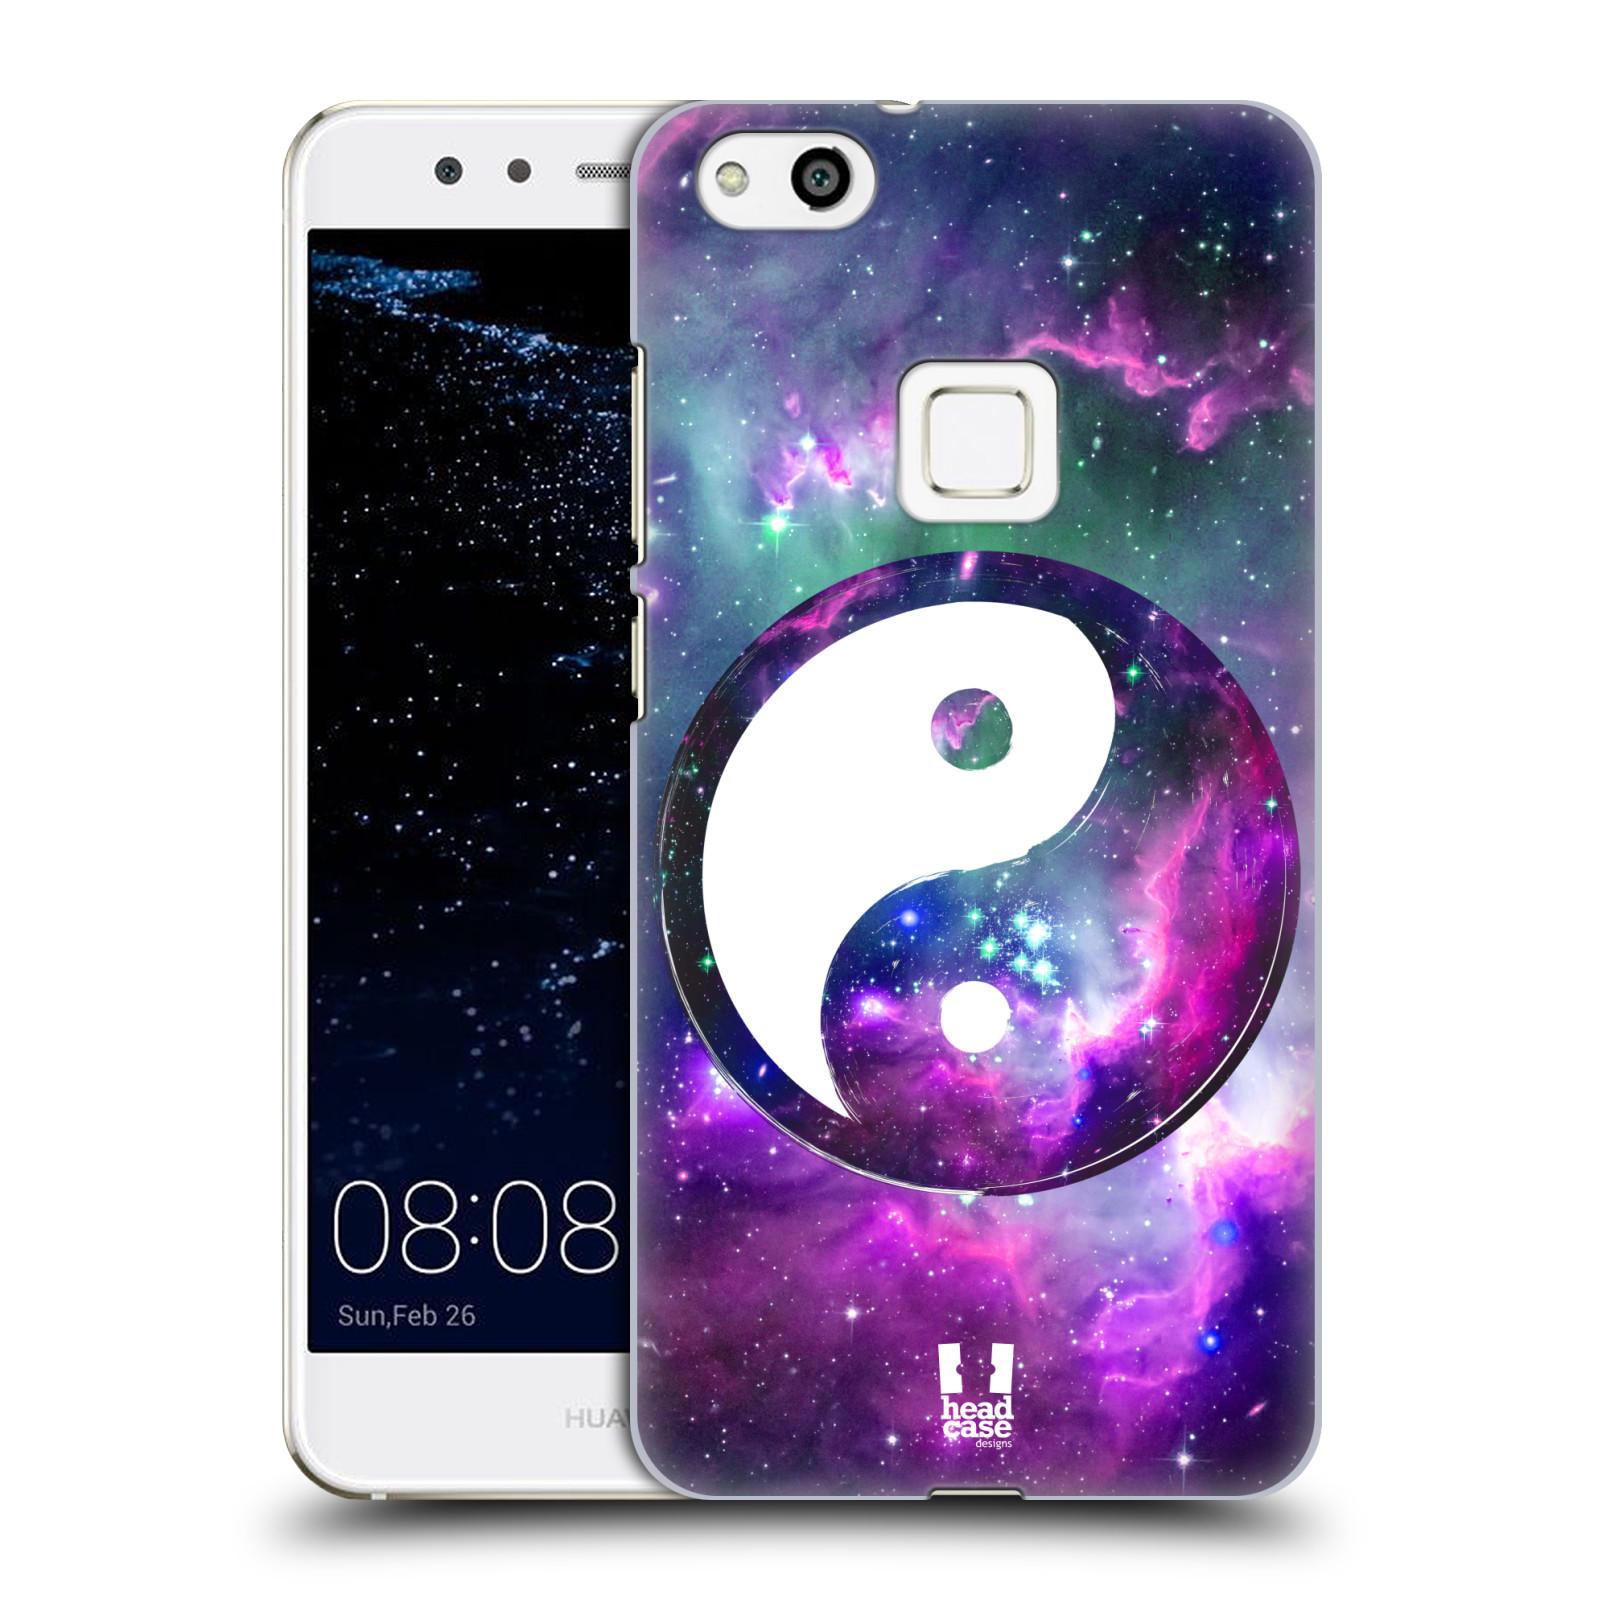 Plastové pouzdro na mobil Huawei P10 Lite Head Case - Yin a Yang PURPLE (Plastový kryt či obal na mobilní telefon Huawei P10 Lite Dual SIM (LX1/LX1A))